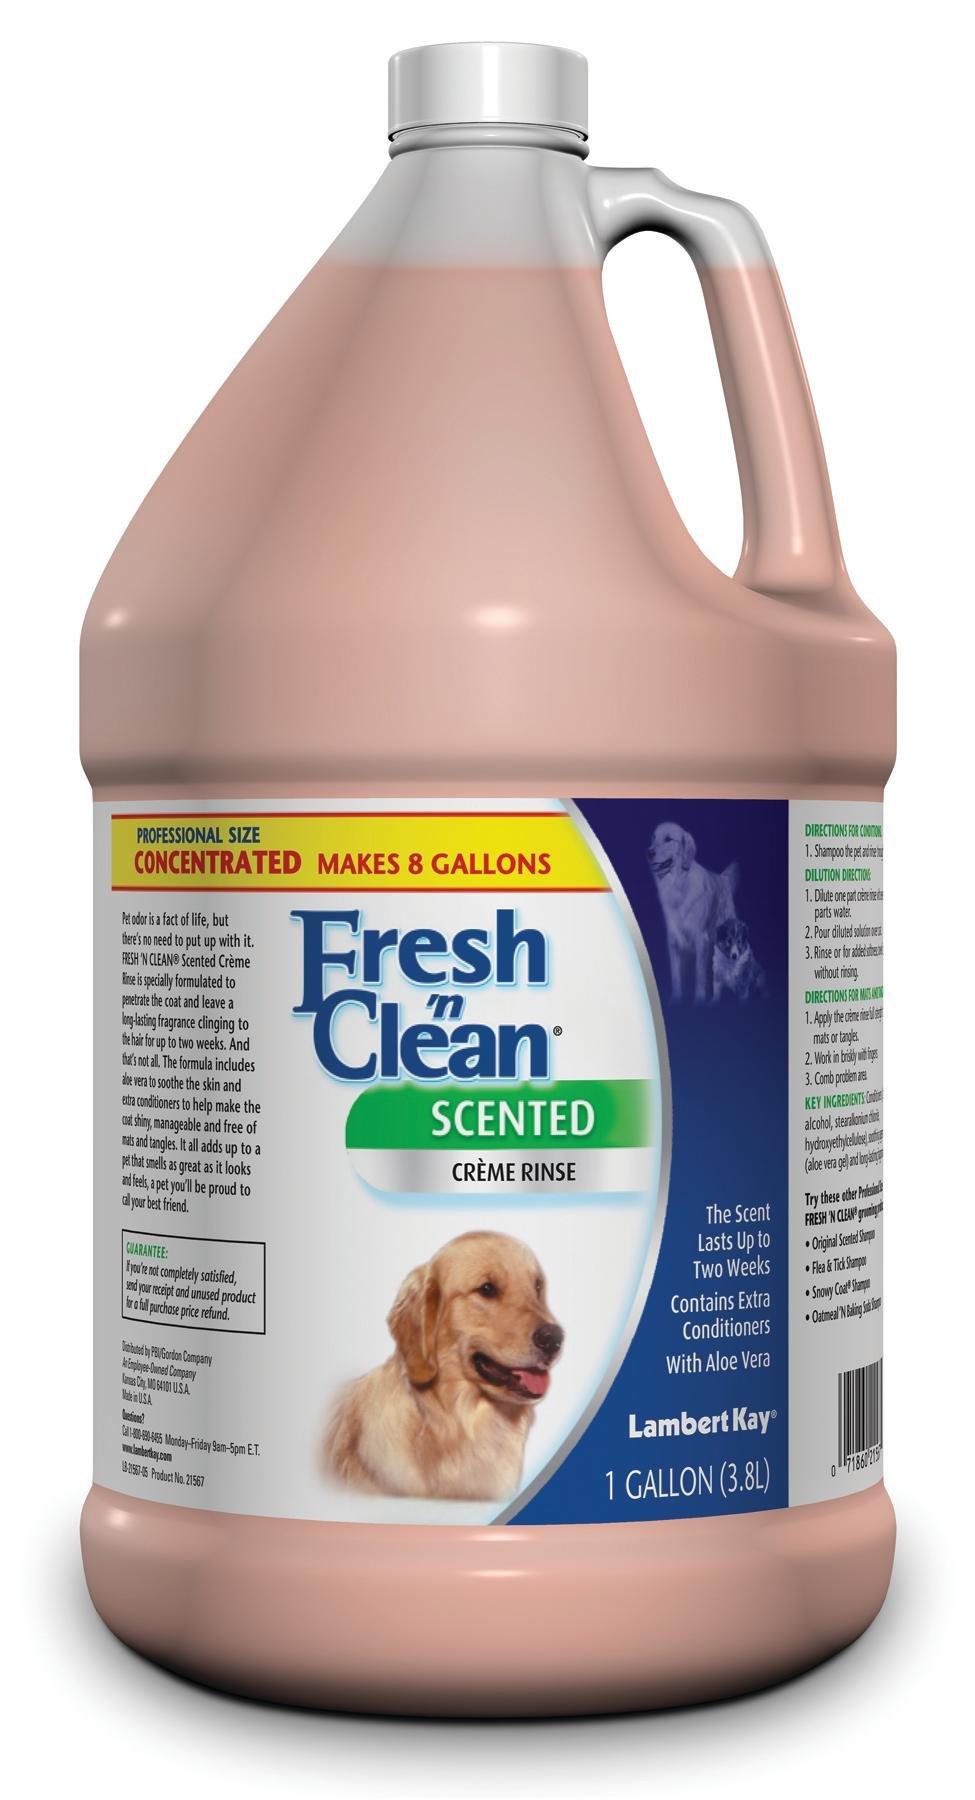 LAMBERT KAY/PBI GORDON Fresh 'n Clean Creme Rinse 1 GAL